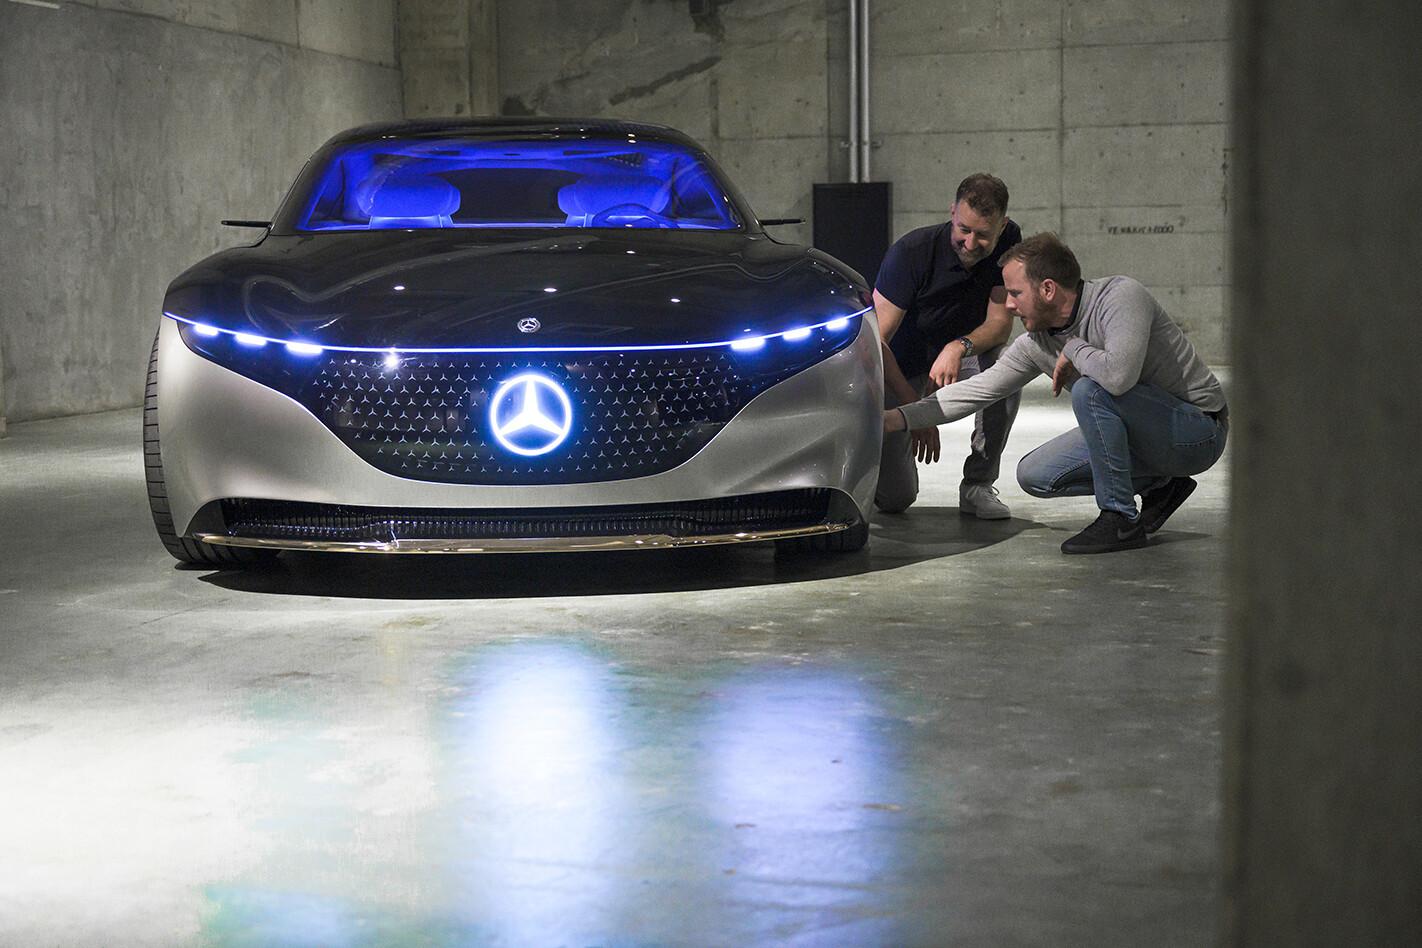 2020 Mercedes-Benz EQS tech